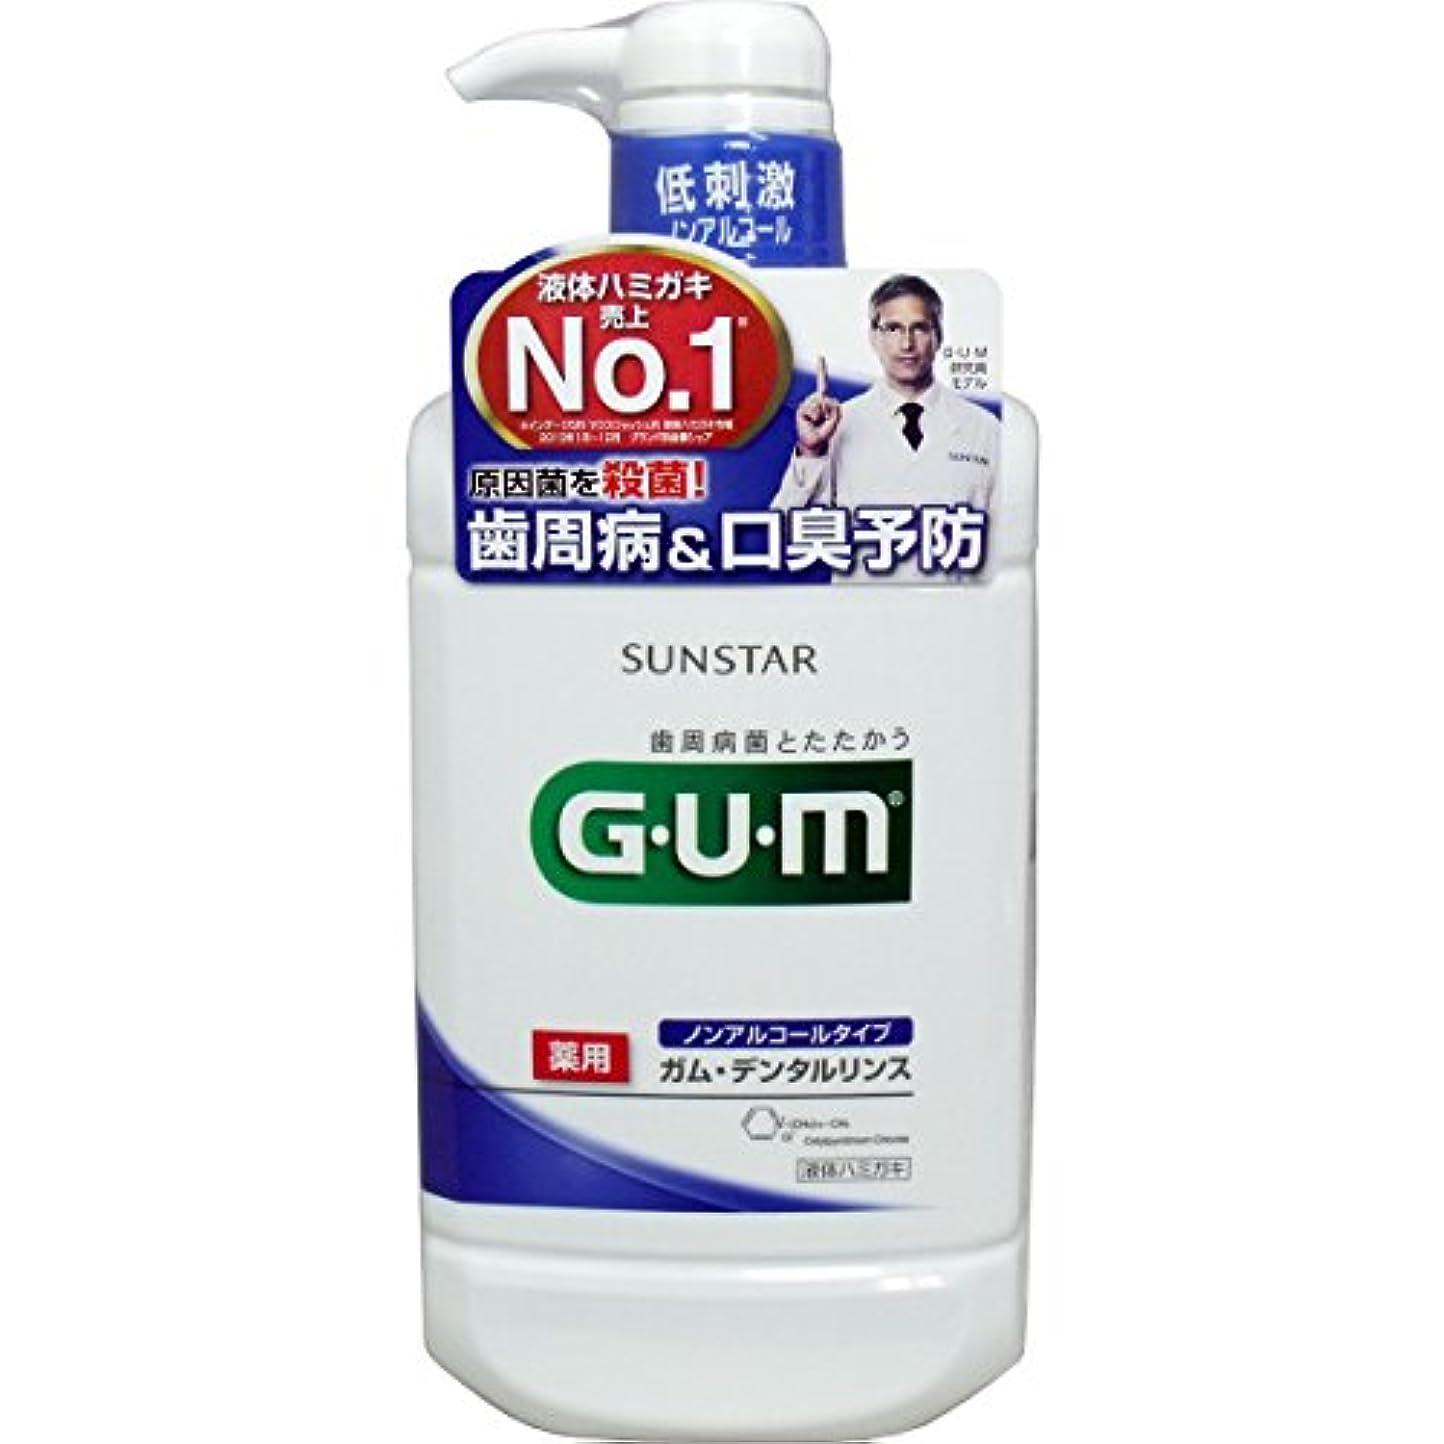 良心的ネーピア魅力的であることへのアピール【まとめ買い】GUM(ガム)?デンタルリンス (ノンアルコールタイプ) 960mL (医薬部外品)×3個